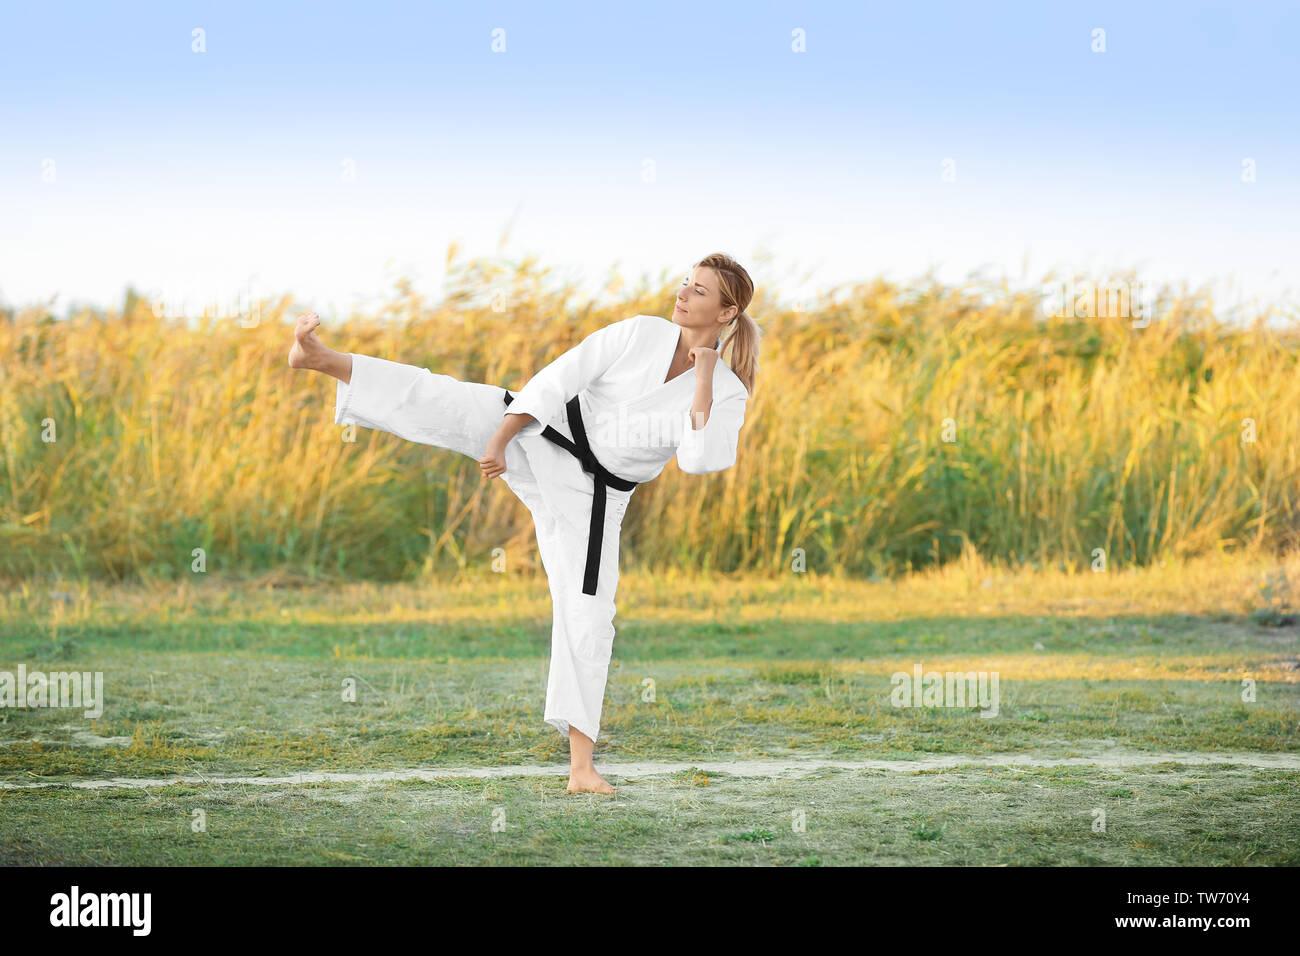 Giovane donna a praticare il karate all'aperto Immagini Stock